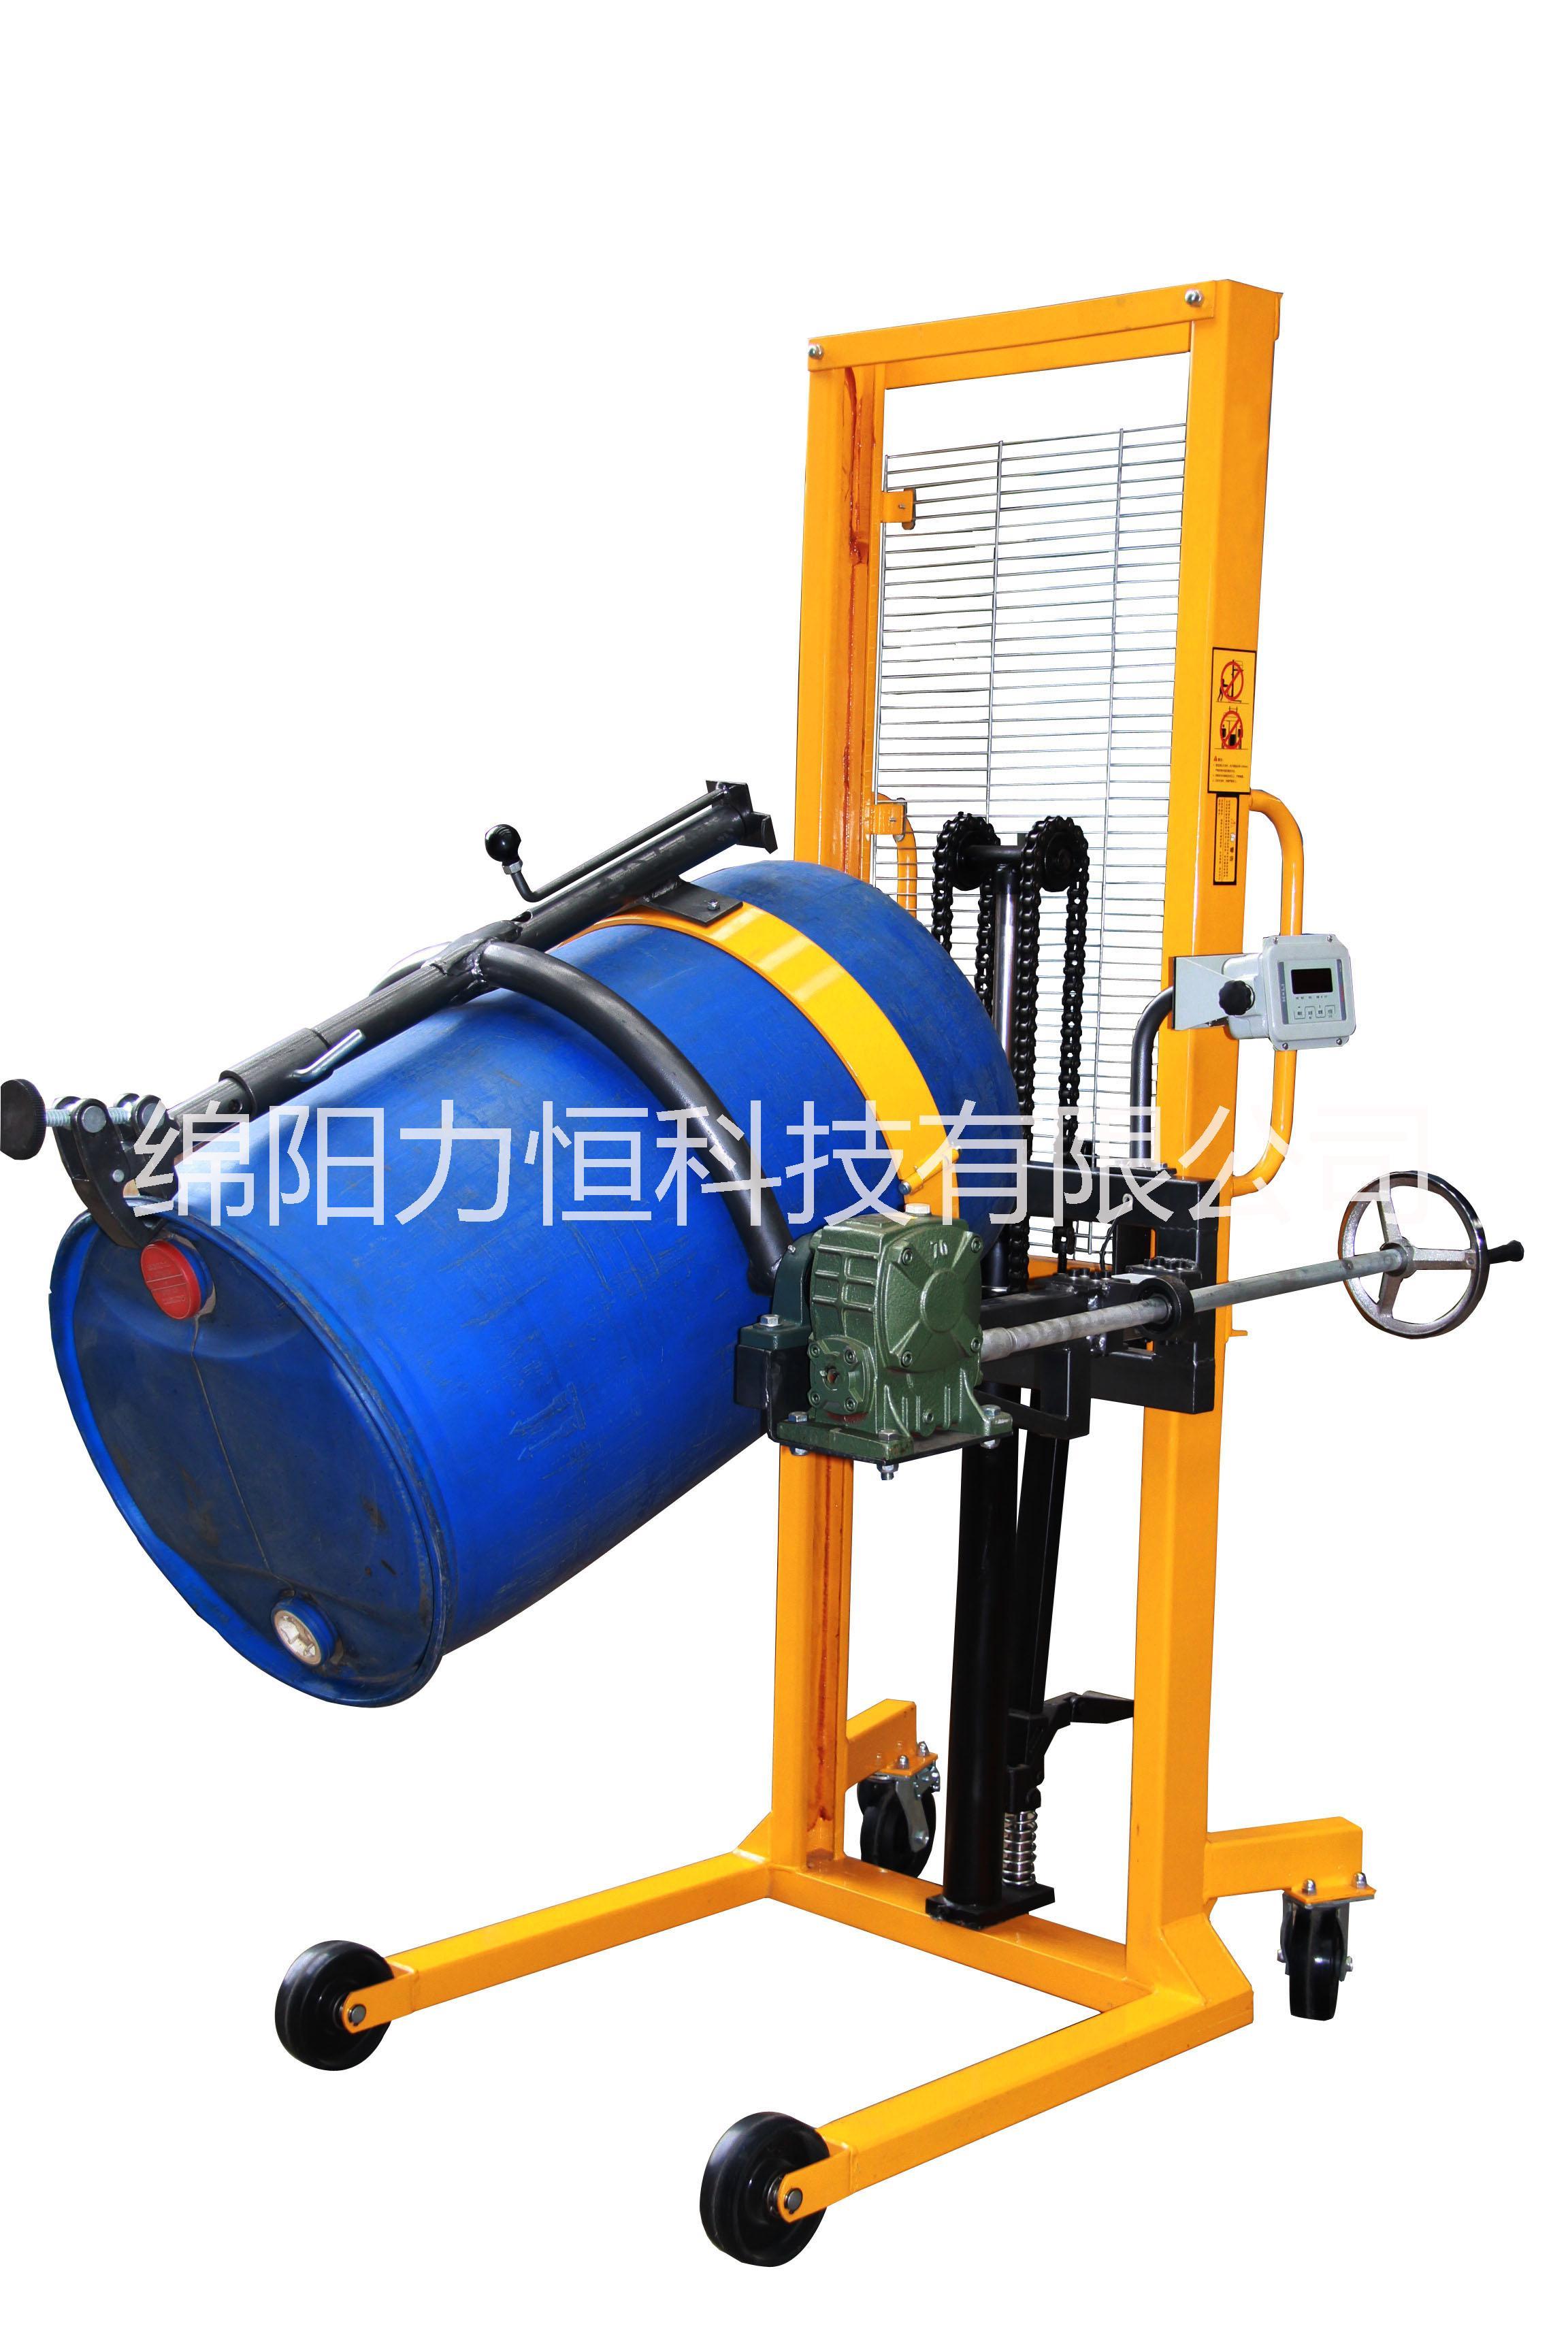 液压油桶翻转车 称重油桶车 液压手动油桶搬运车